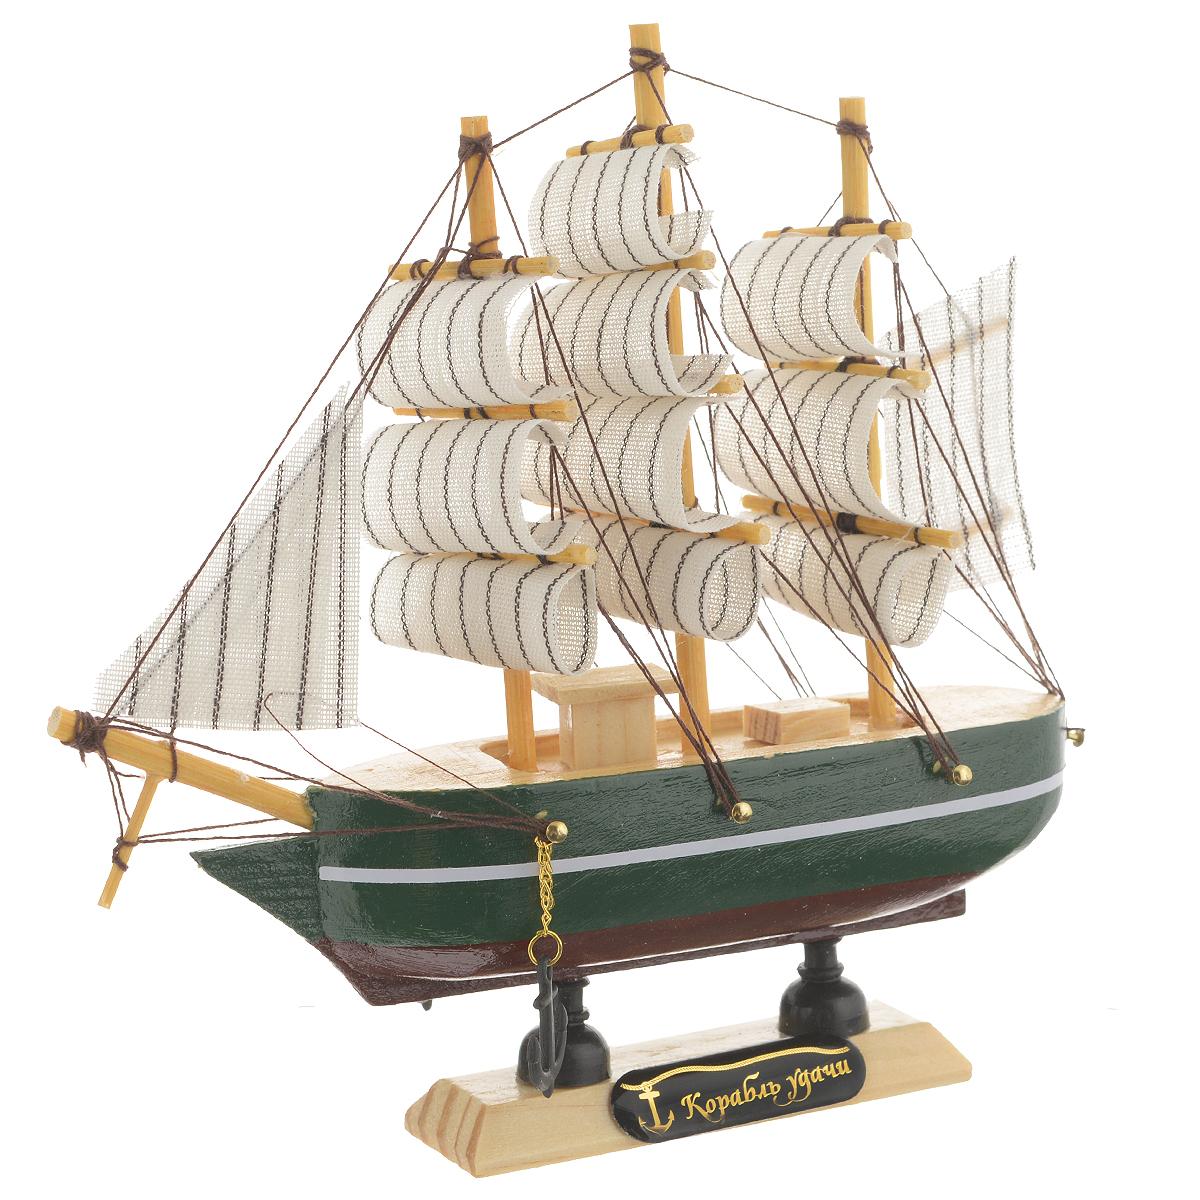 Корабль сувенирный Корабль удачи, длина 16 см. 564169514-1012Сувенирный корабль Корабль удачи, изготовленный из дерева и текстиля, это великолепный элемент декора рабочей зоны в офисе или кабинете. Корабль с парусами и якорями помещен на деревянную подставку. Время идет, и мы становимся свидетелями развития технического прогресса, новых учений и практик. Но одно не подвластно времени - это любовь человека к морю и кораблям. Сувенирный корабль наполнен историей и силой океанских вод. Данная модель кораблика станет отличным подарком для всех любителей морей, поклонников историй о покорении океанов и неизведанных земель. Модель корабля - подарок со смыслом. Издавна на Руси считалось, что корабли приносят удачу и везение. Поэтому их изображения, фигурки и точные копии всегда присутствовали в помещениях. Удивите себя и своих близких необычным презентом.